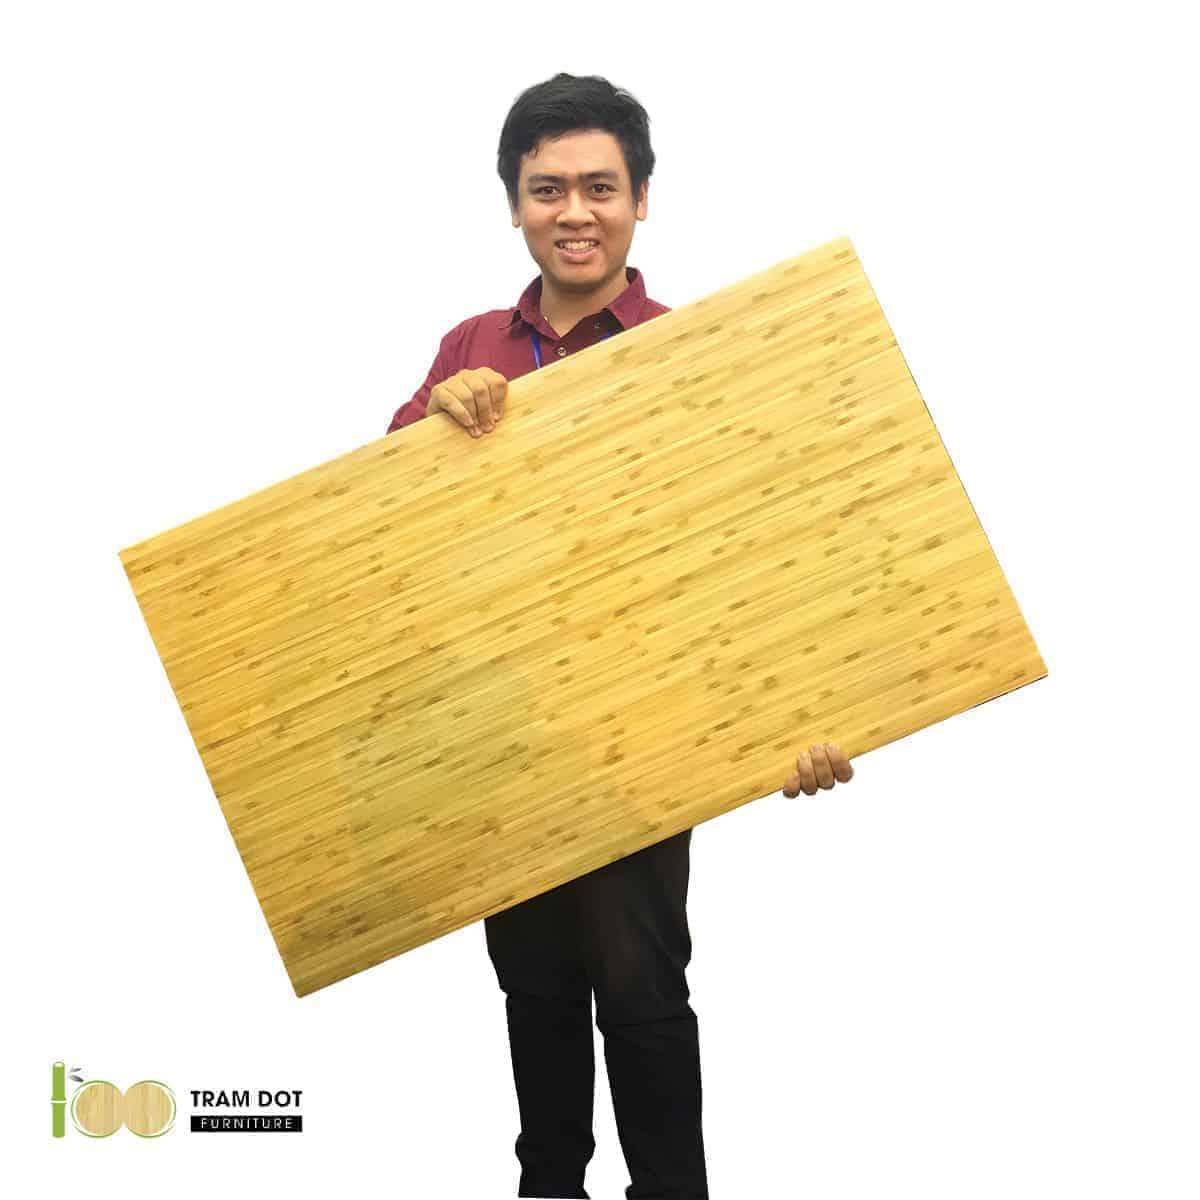 TRĂM ĐỐT Furniture - Founder CAO TUẤN HIỆP